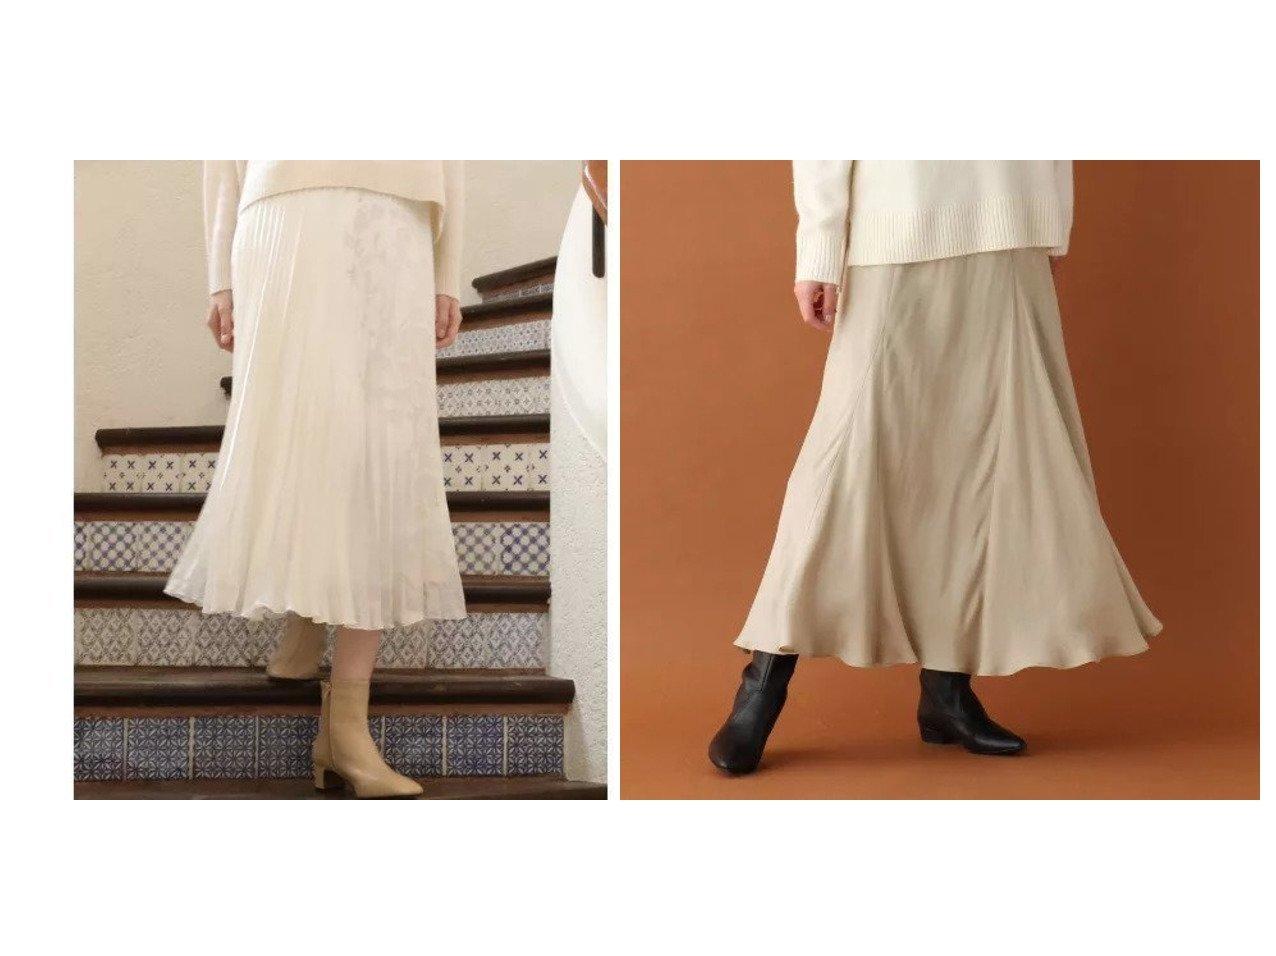 【DRESSTERIOR/ドレステリア】のキュプラフィブリルロングスカート&【ef-de/エフデ】の《Maglie par ef-de》フラワーオパールプリーツスカート スカートのおすすめ!人気、レディースファッションの通販 おすすめで人気のファッション通販商品 インテリア・家具・キッズファッション・メンズファッション・レディースファッション・服の通販 founy(ファニー) https://founy.com/ ファッション Fashion レディース WOMEN スカート Skirt プリーツスカート Pleated Skirts ロングスカート Long Skirt アシンメトリー プリント プリーツ ロング  ID:crp329100000003039